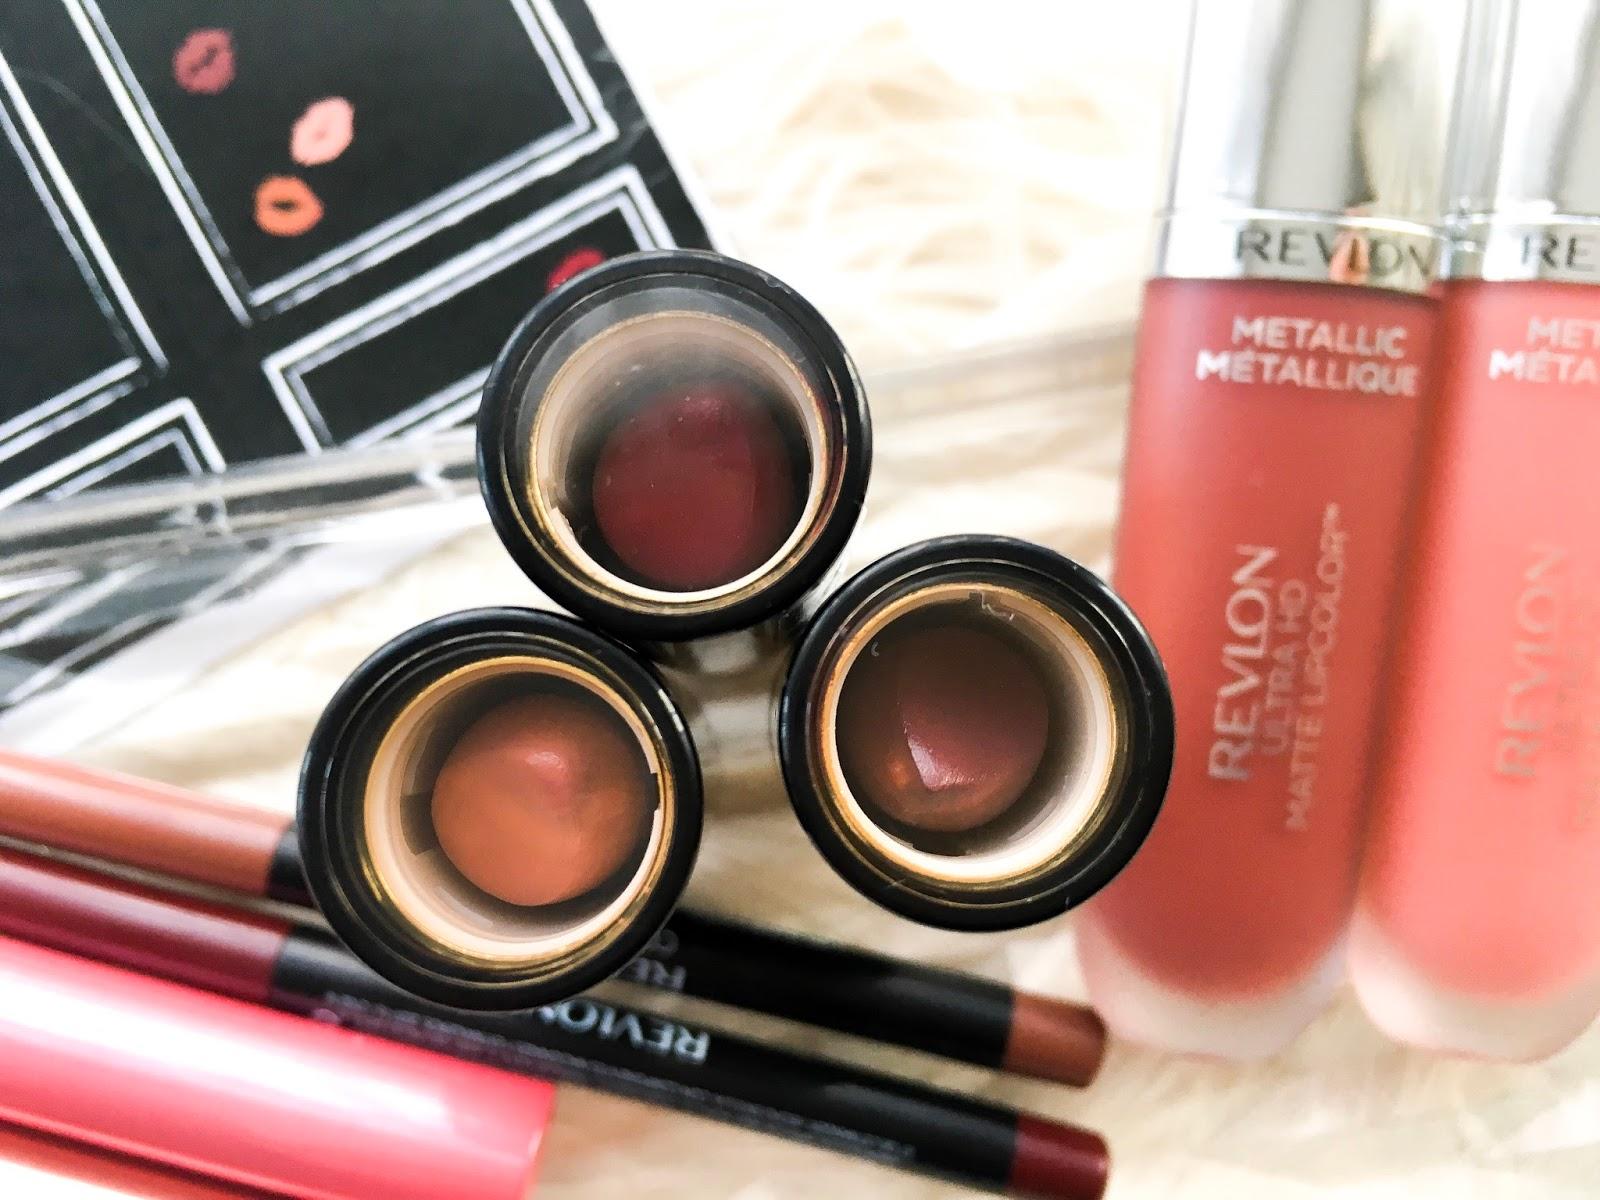 revlon super lustrous lipsticks, revlon lipsticks review, revlon lipsticks swatches, revlon super lustrous lipcolor swatches